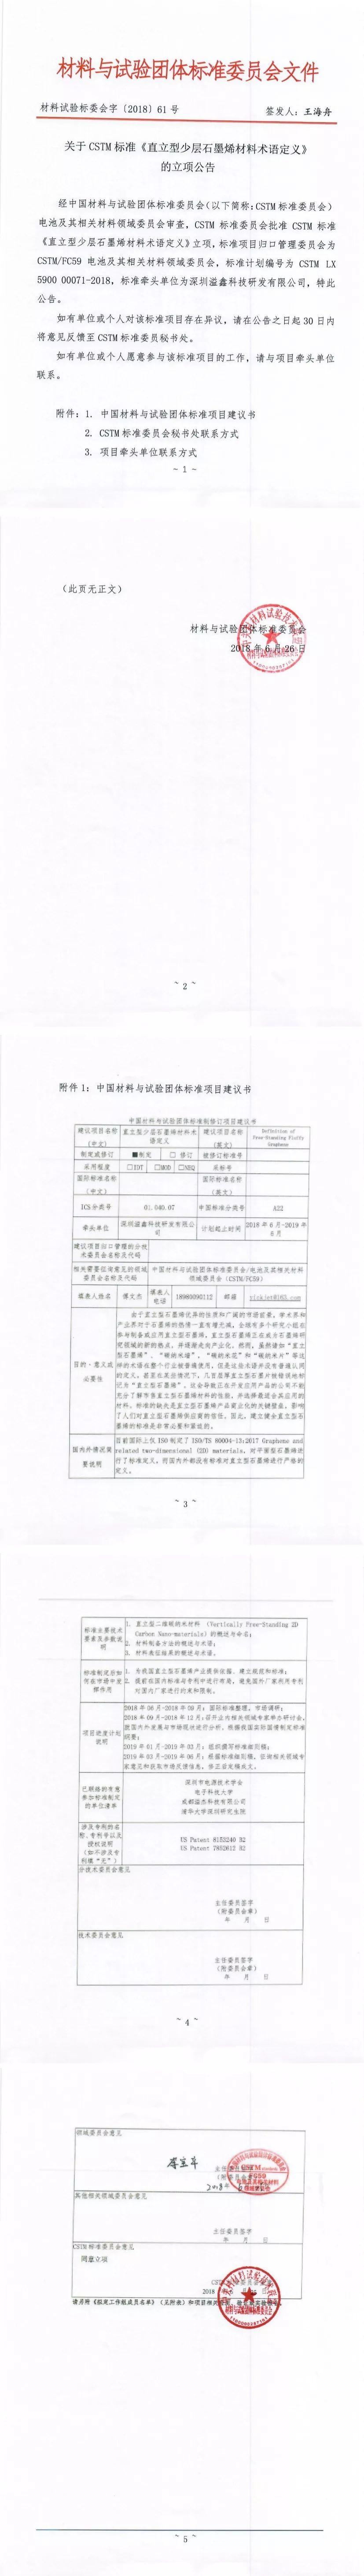 学会公告 | 关于CSTM标准《直立型少层石墨烯材料术语定义》 的立项公告